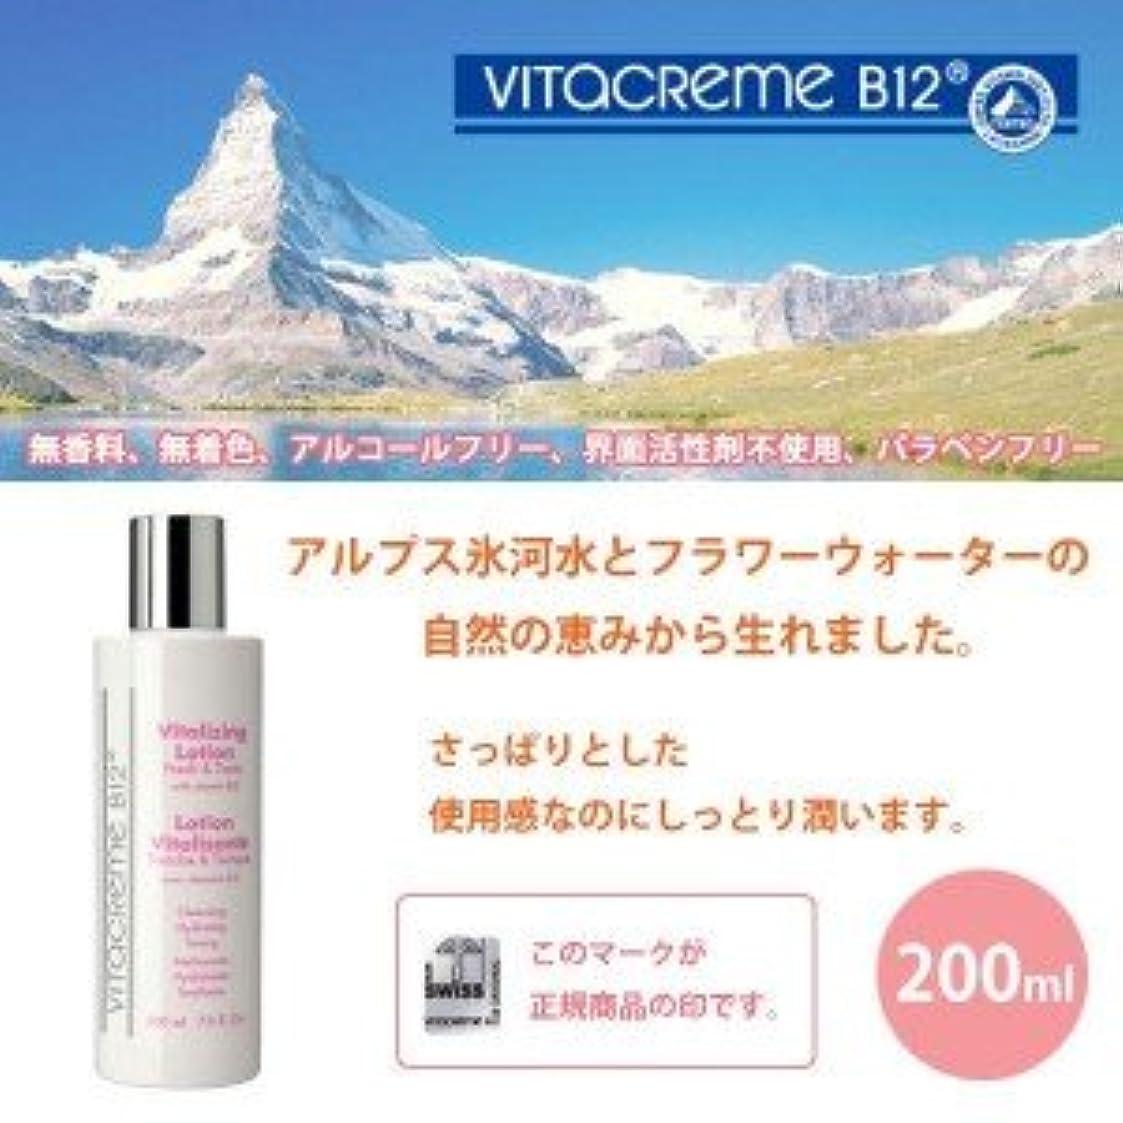 有料材料スチュワードBローション 200ml VTB233